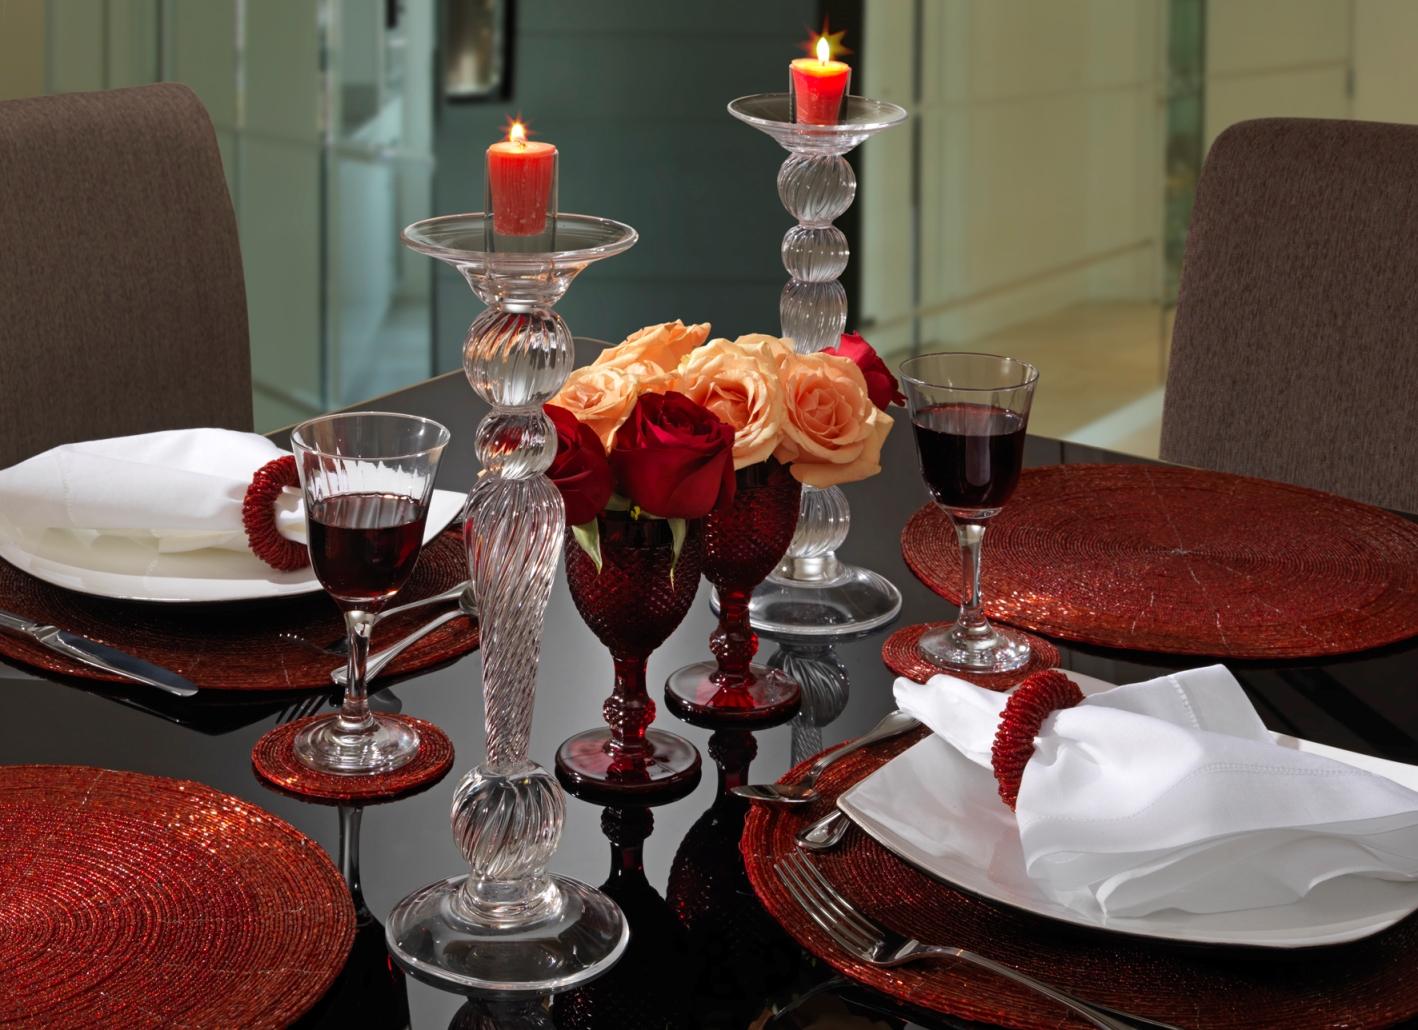 Decoração de mesa de jantar romântico com velas